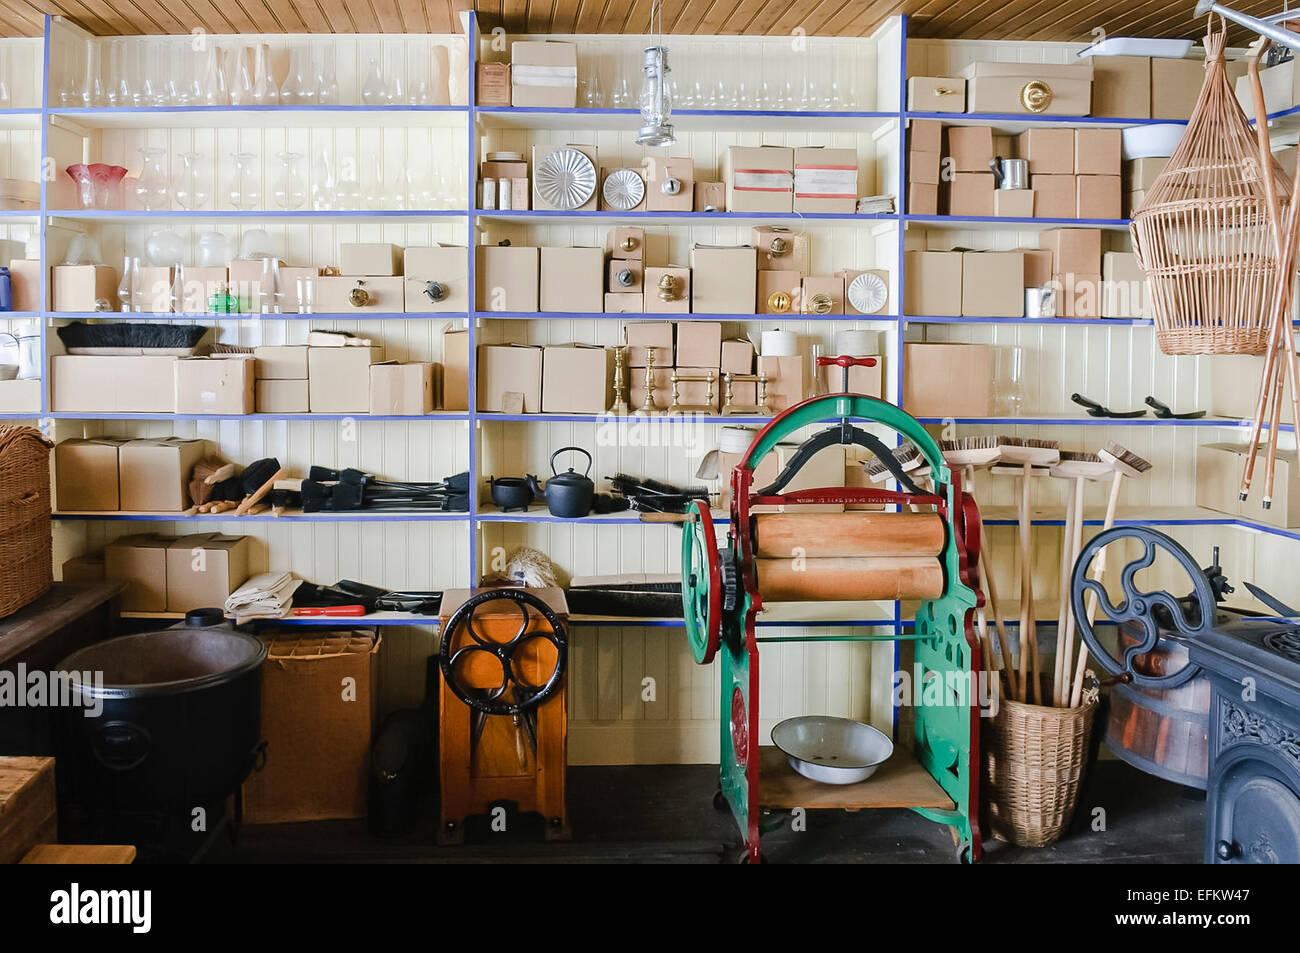 Boxen von Hausrat in einem altmodischen irischen Hardware store Stockbild